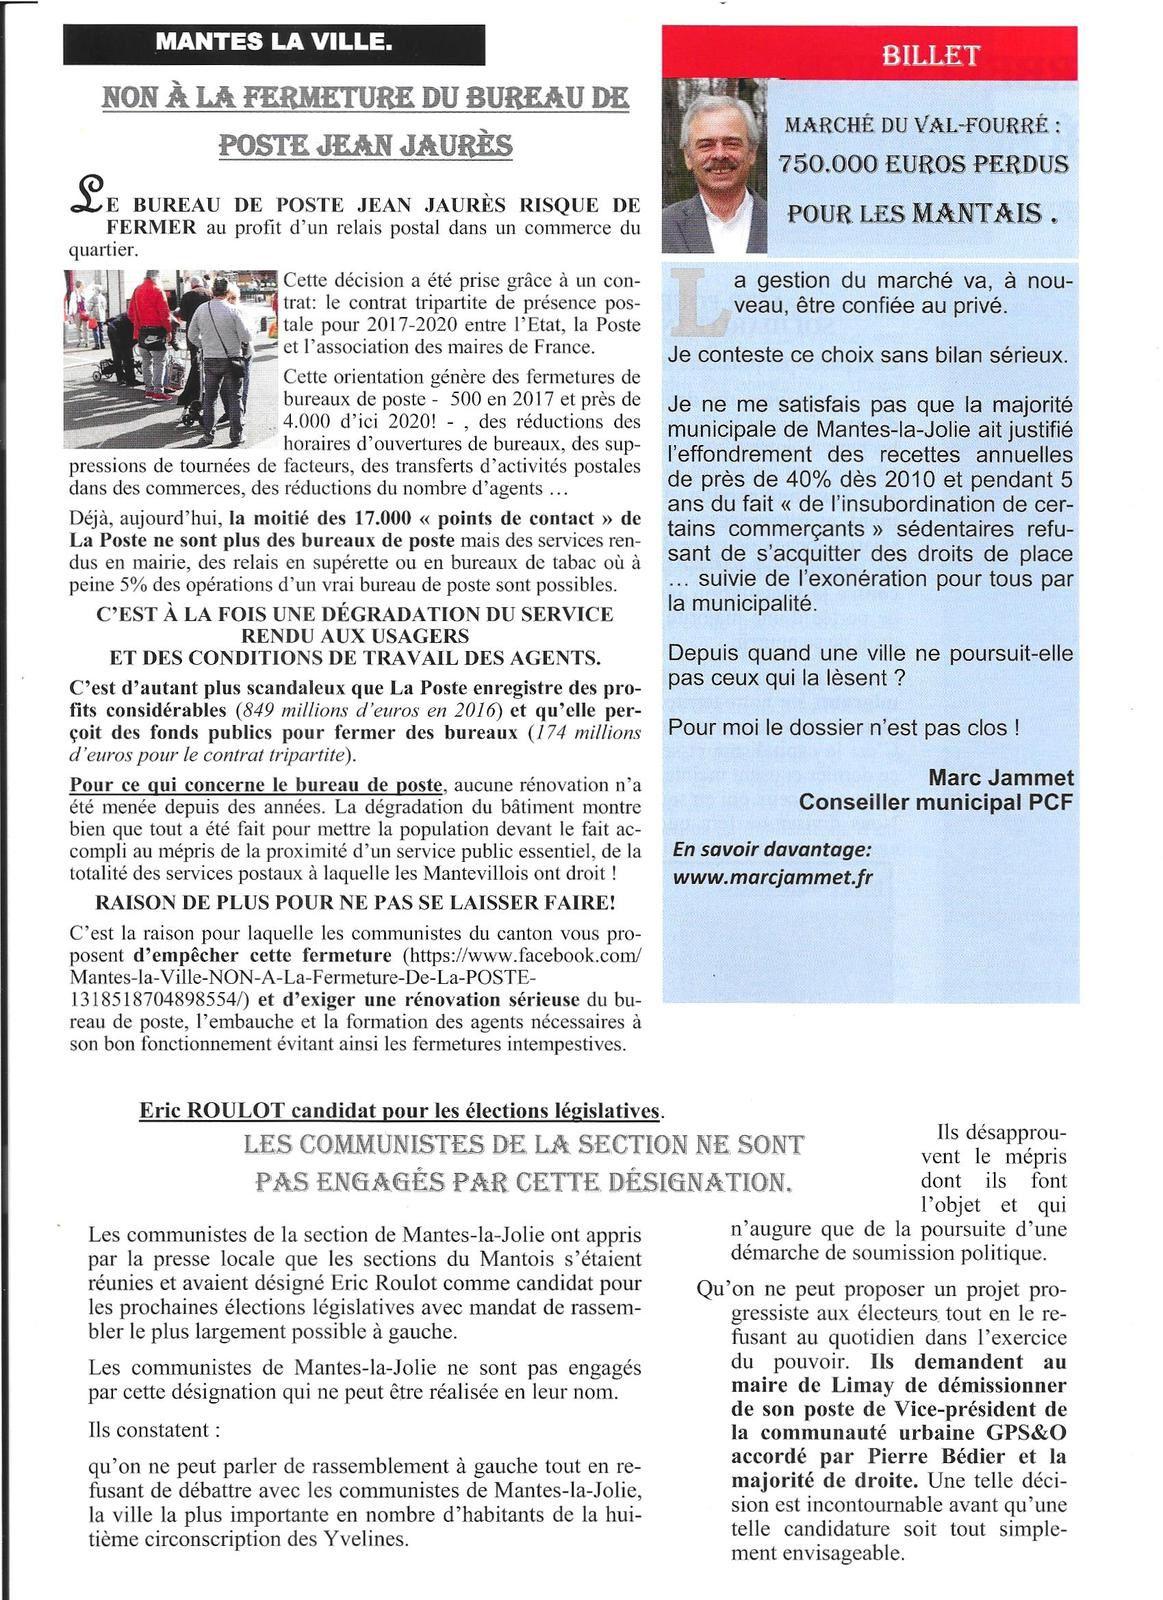 Mantes-la-Jolie. L'OPINION DES COMMUNISTES (Numéro 77)